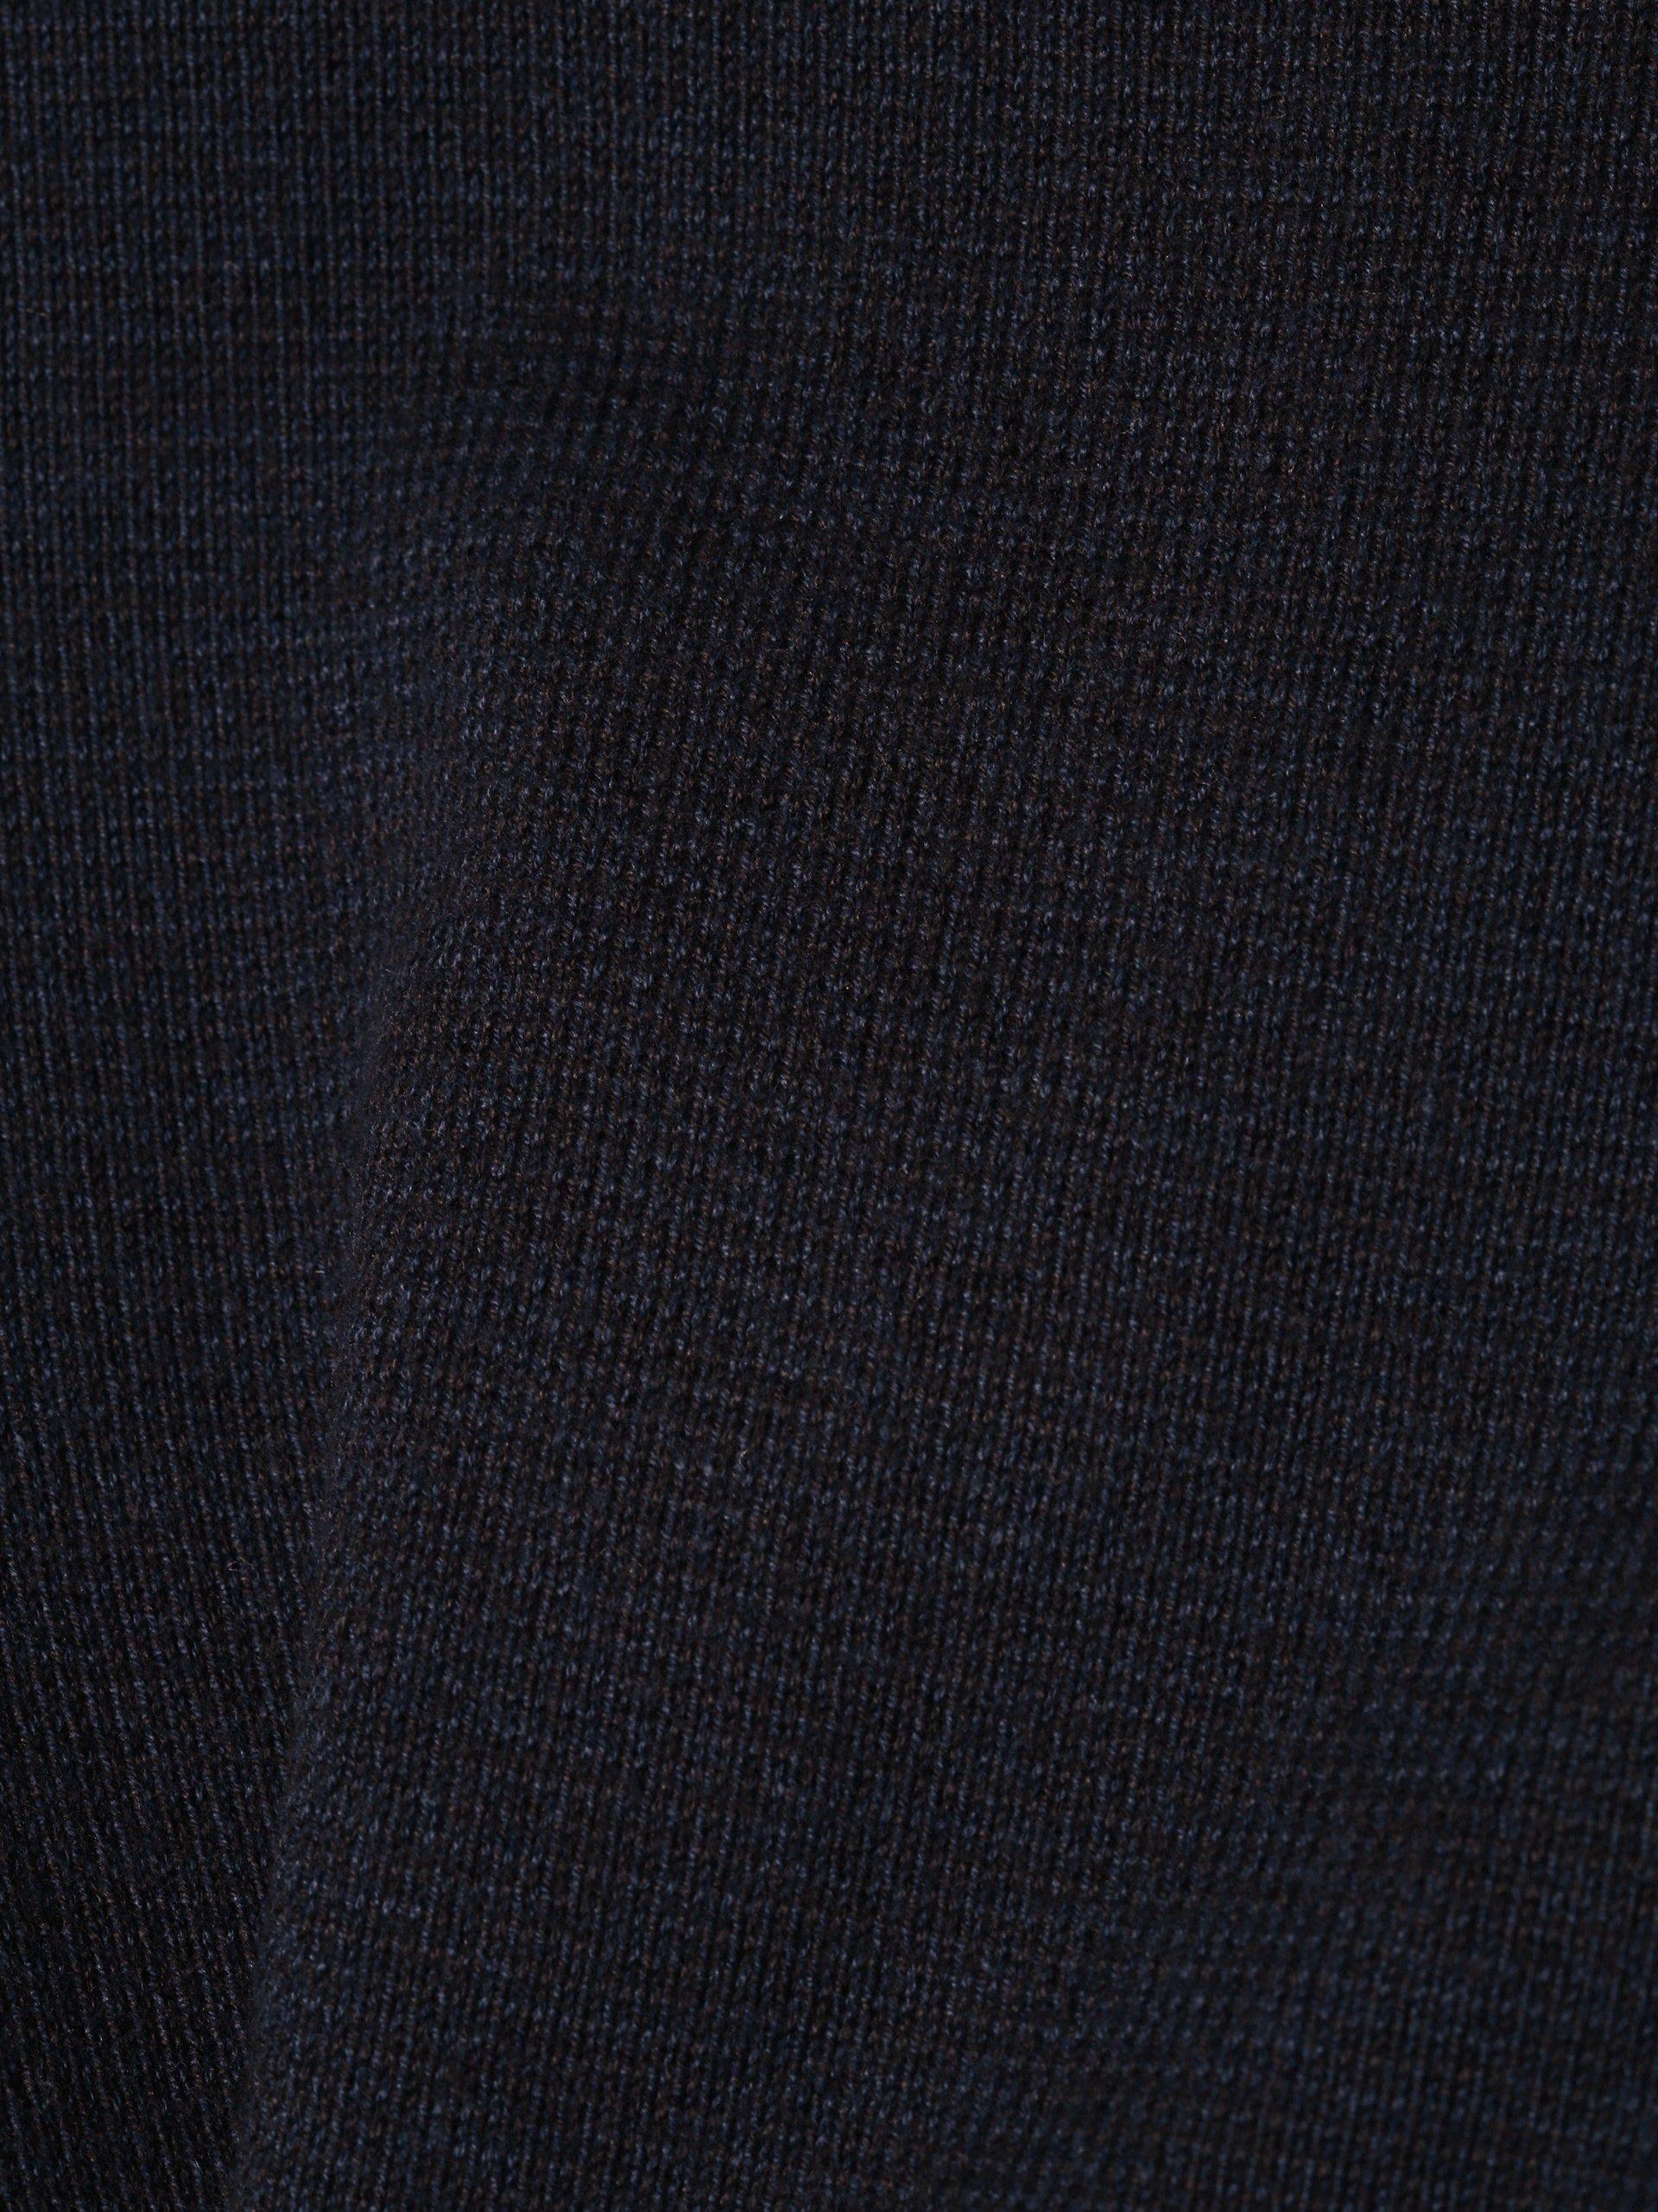 Jack & Jones Herren Pullover - Jjeunion